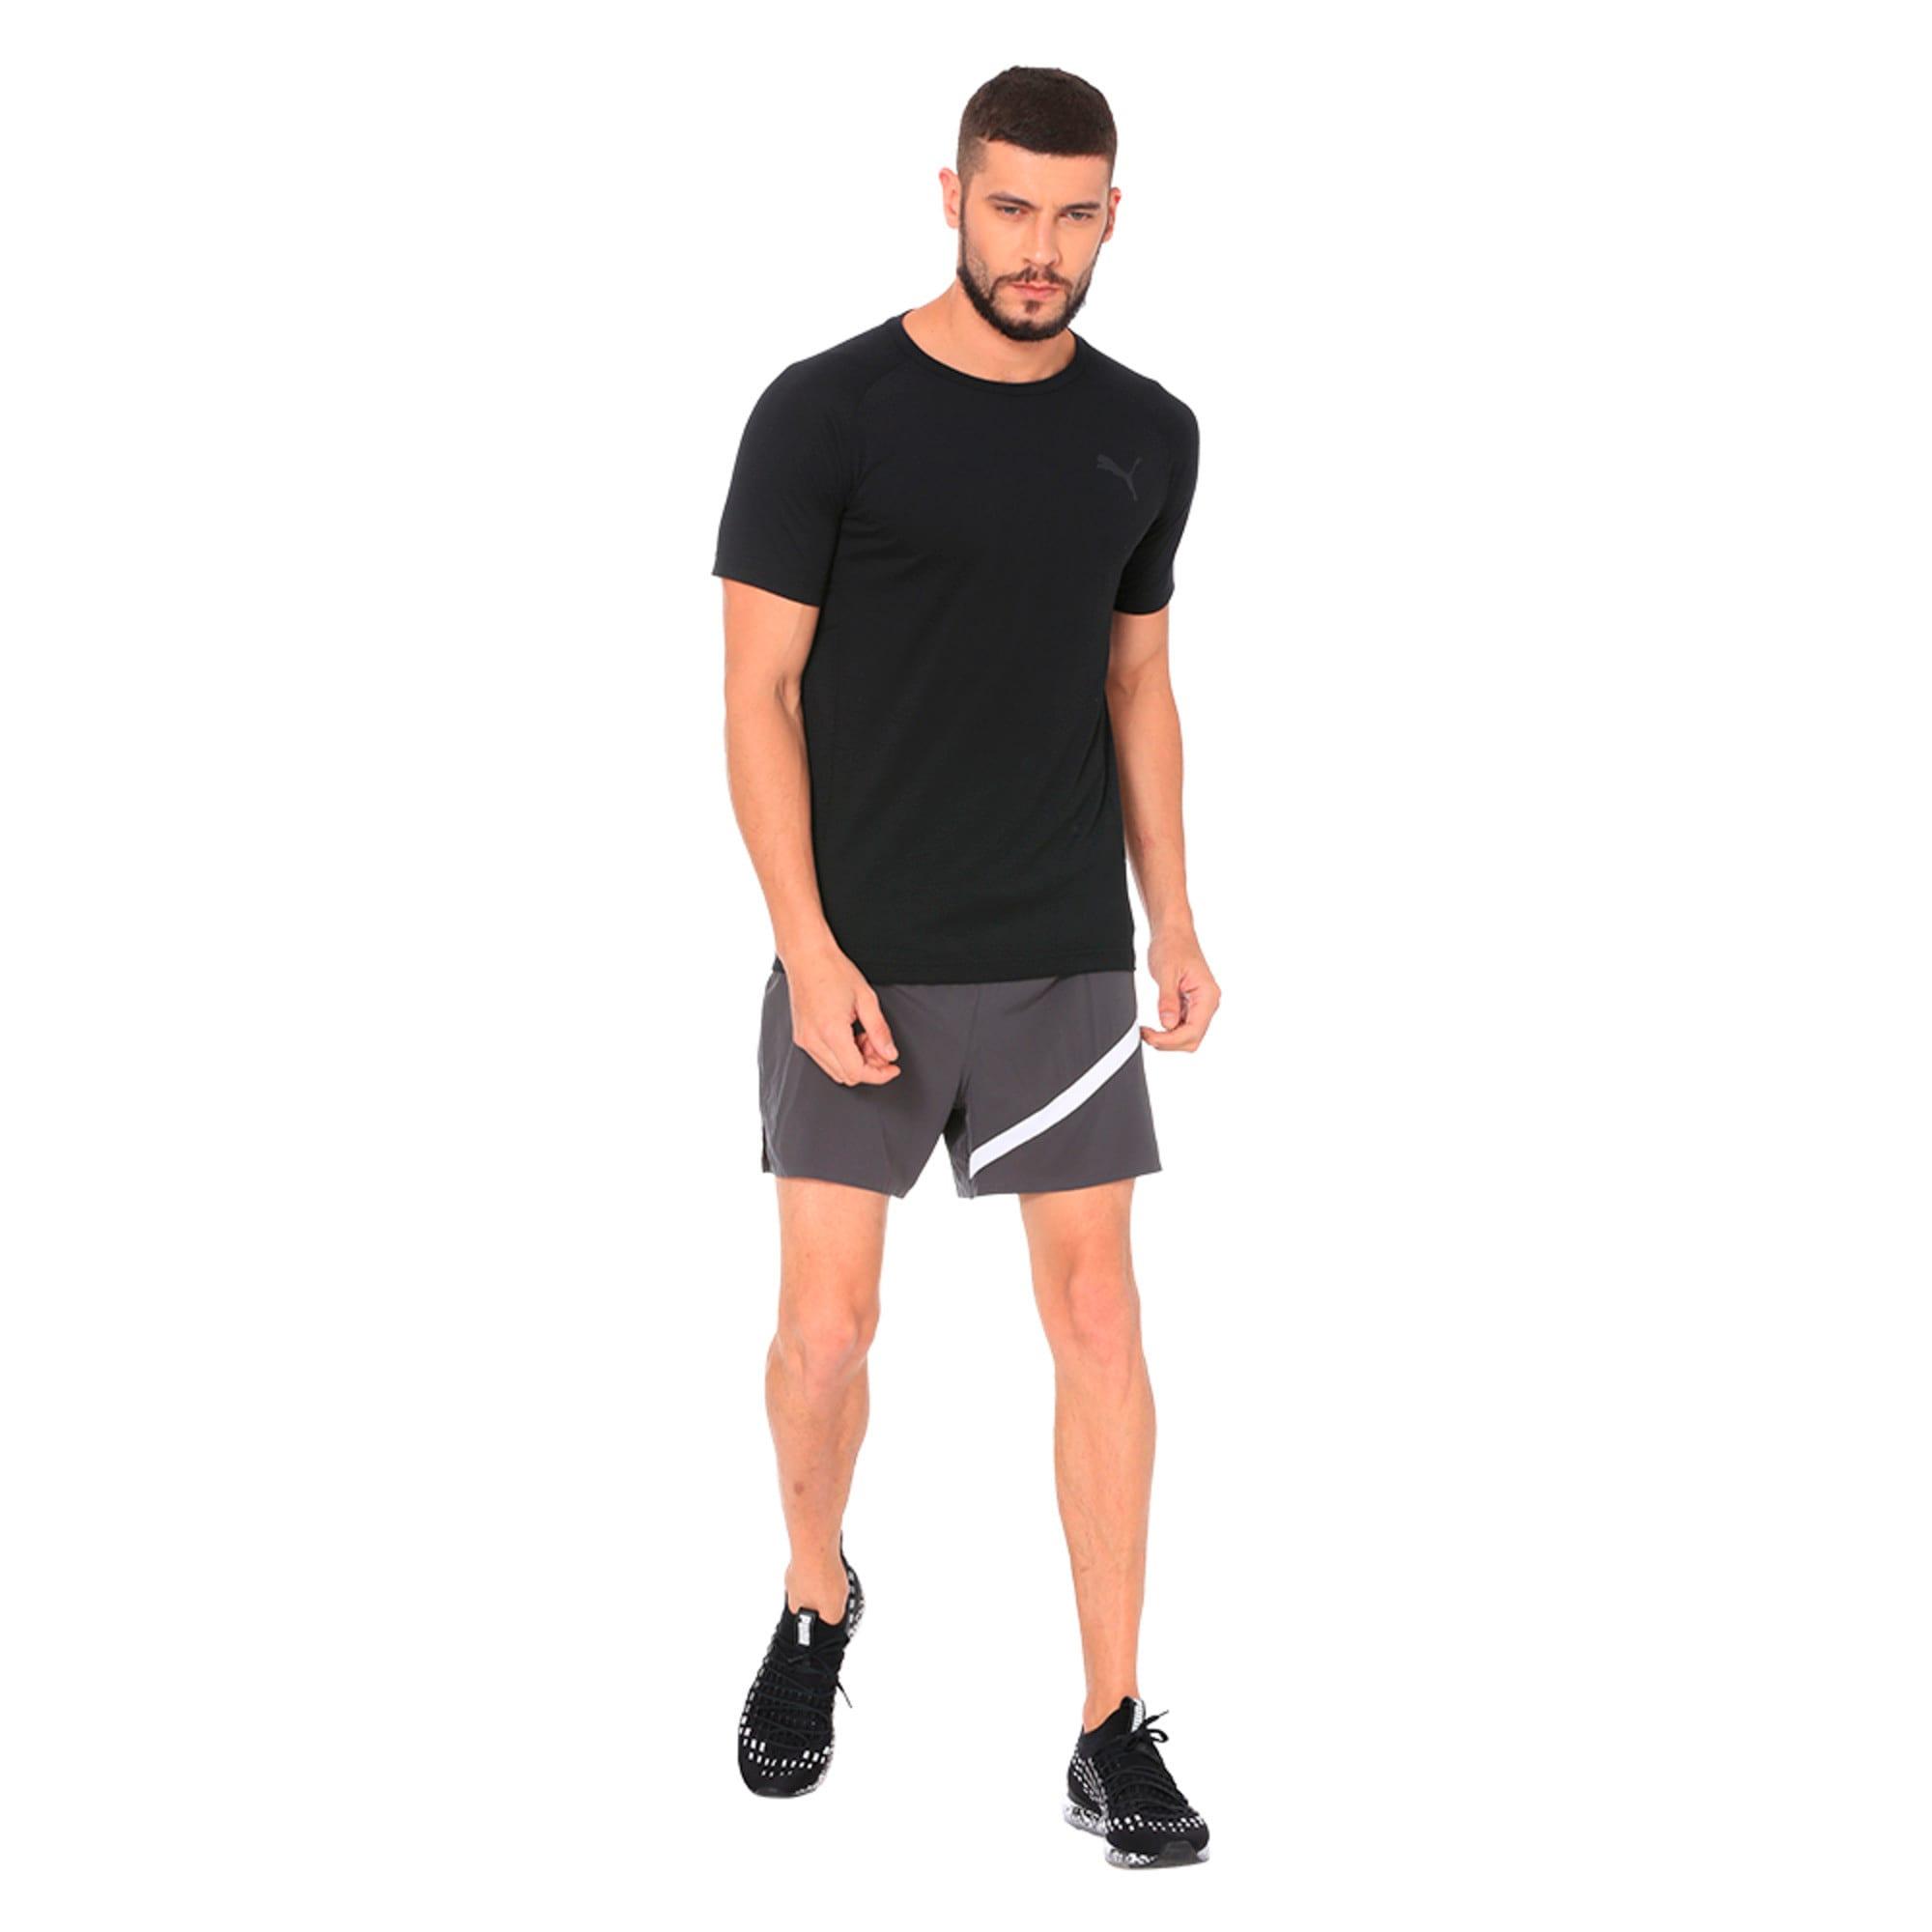 """Thumbnail 3 of Pace 5"""" Men's Running Shorts, Asphalt, medium-IND"""